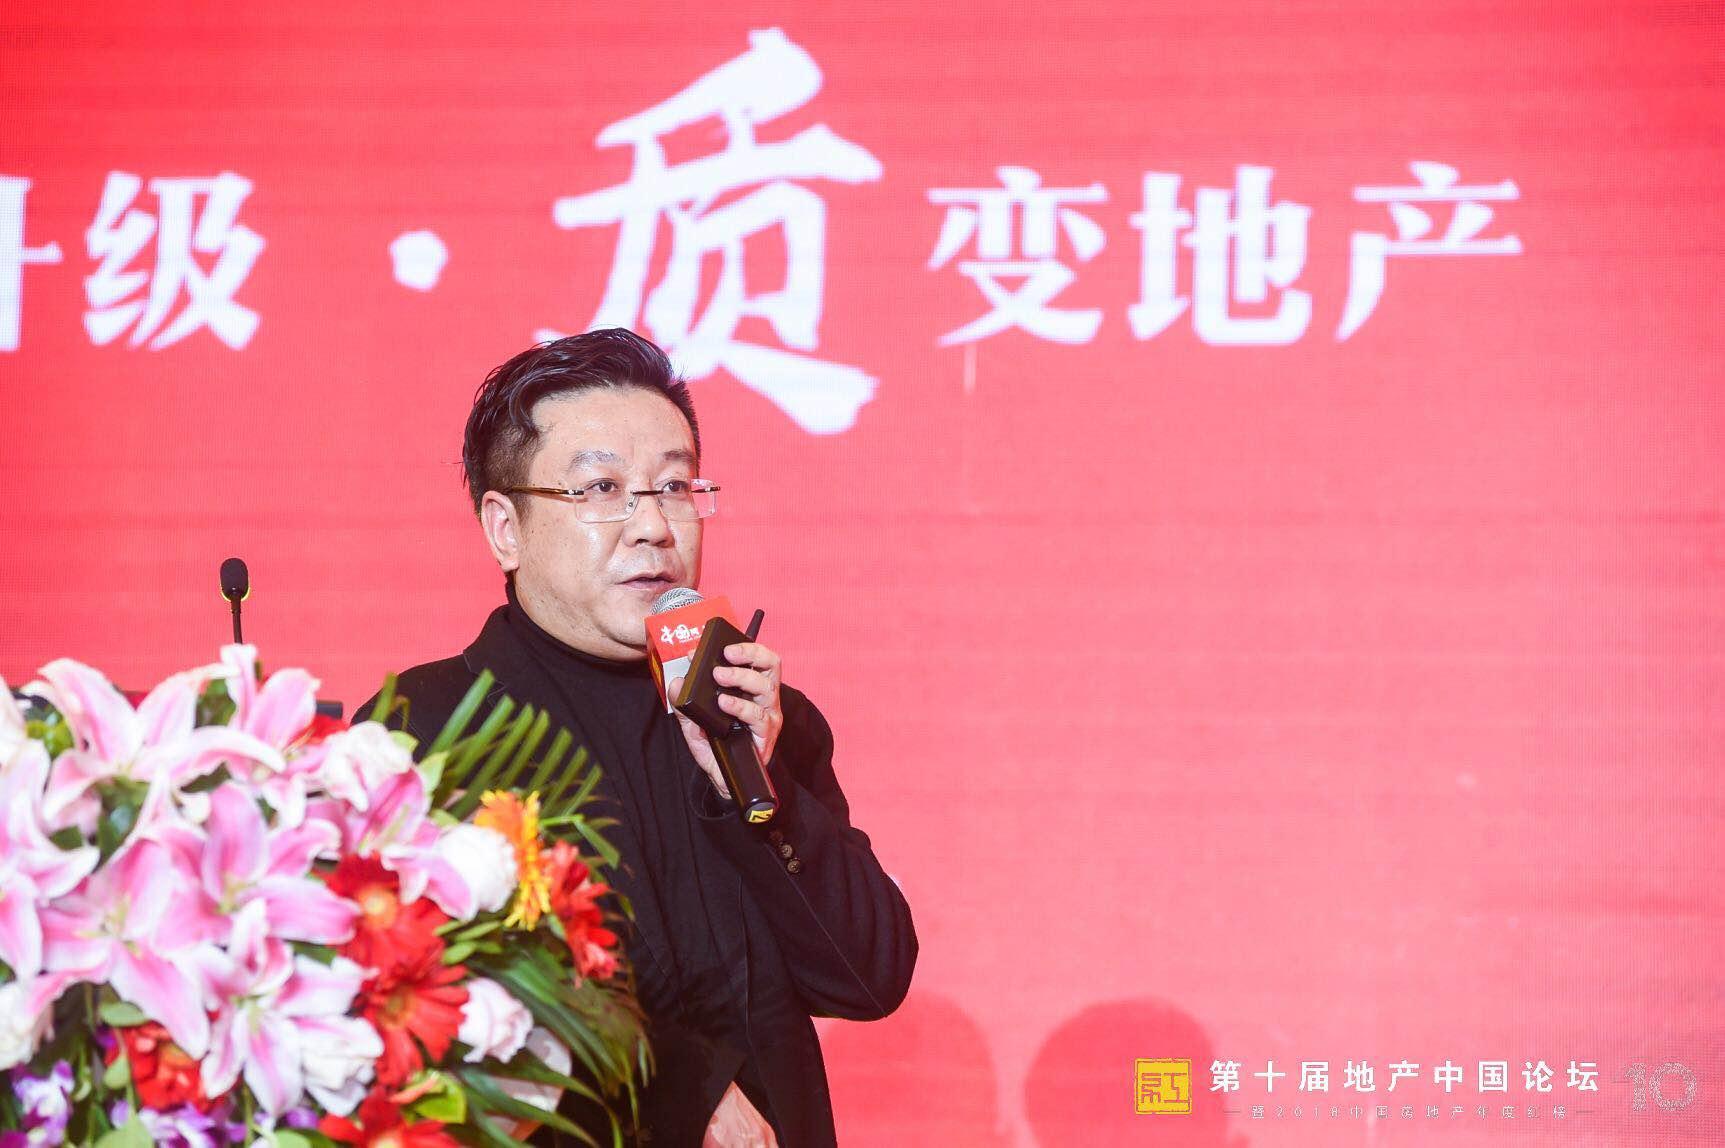 刘宏:新旅居模式下 企业如何形成规模效应?-中国网地产